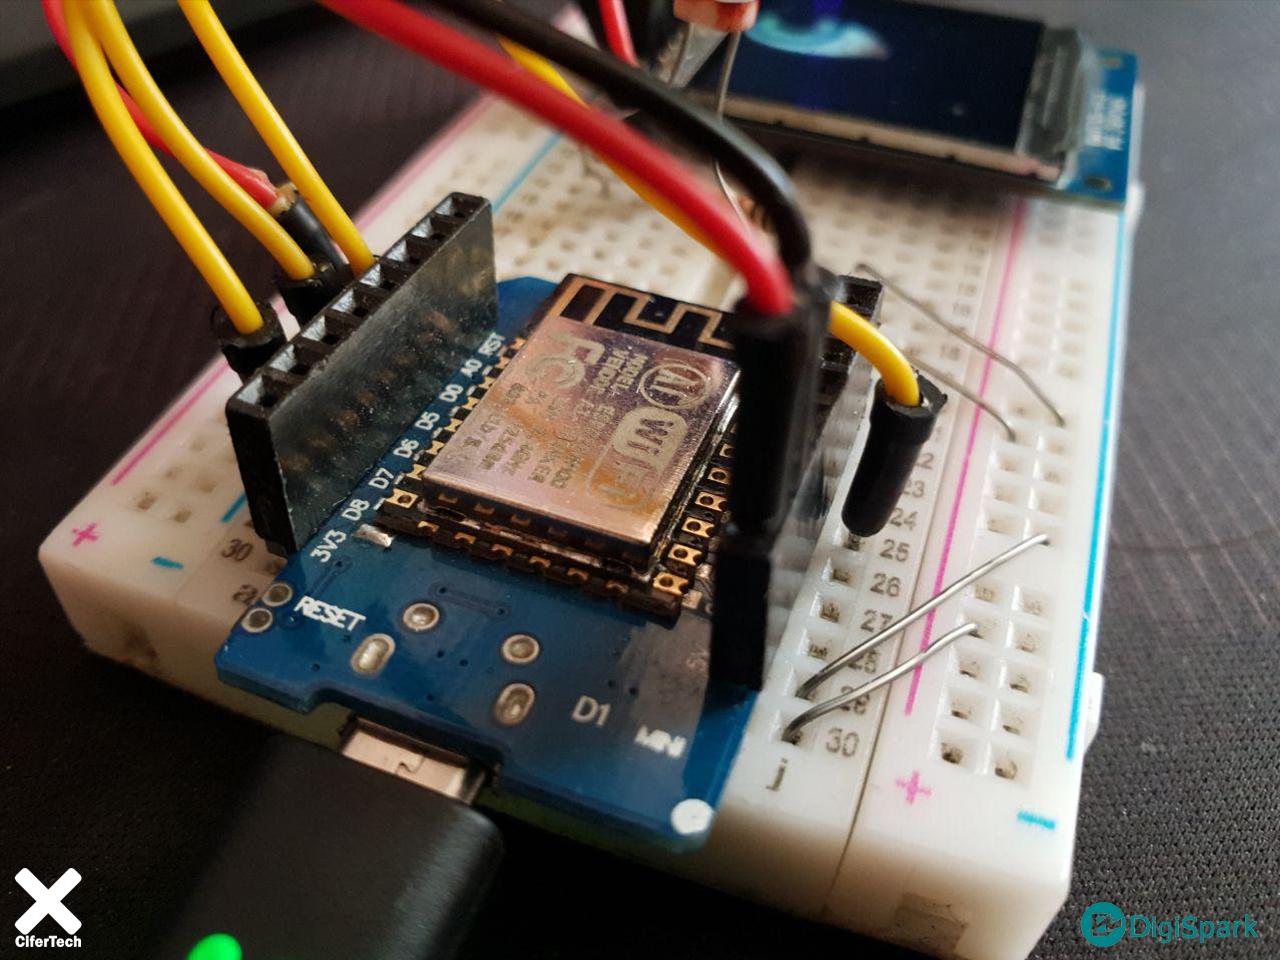 نمایش انیمیشن چشم انسان در LCD های TFT+ st7789 + wemos